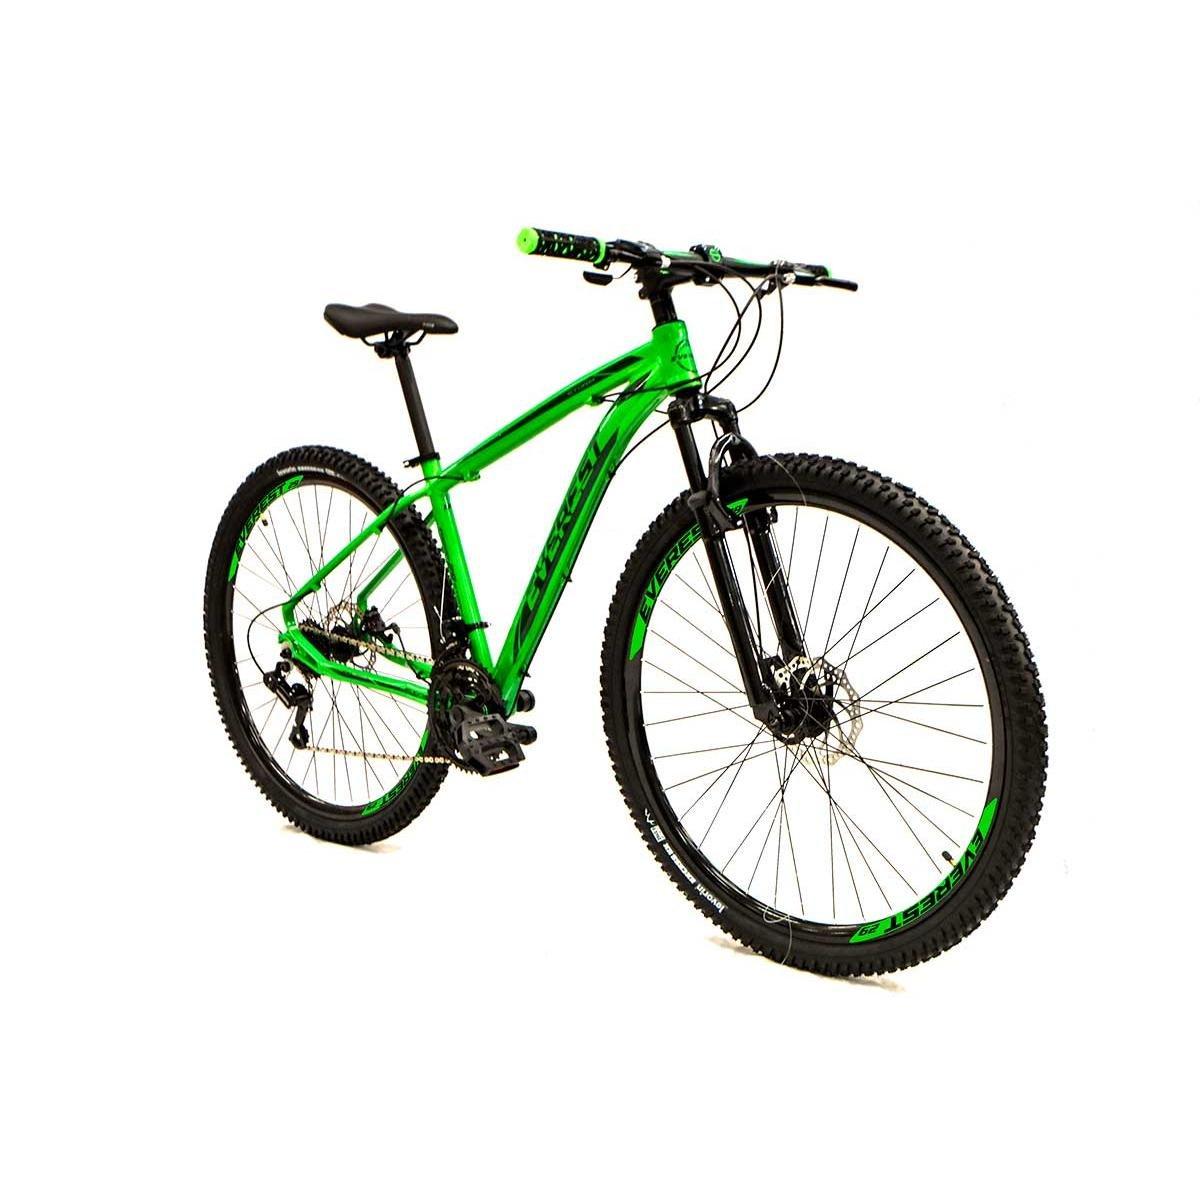 Bicicleta Everest Storm T15 Aro 29 Susp. Dianteira 24 Marchas - Verde